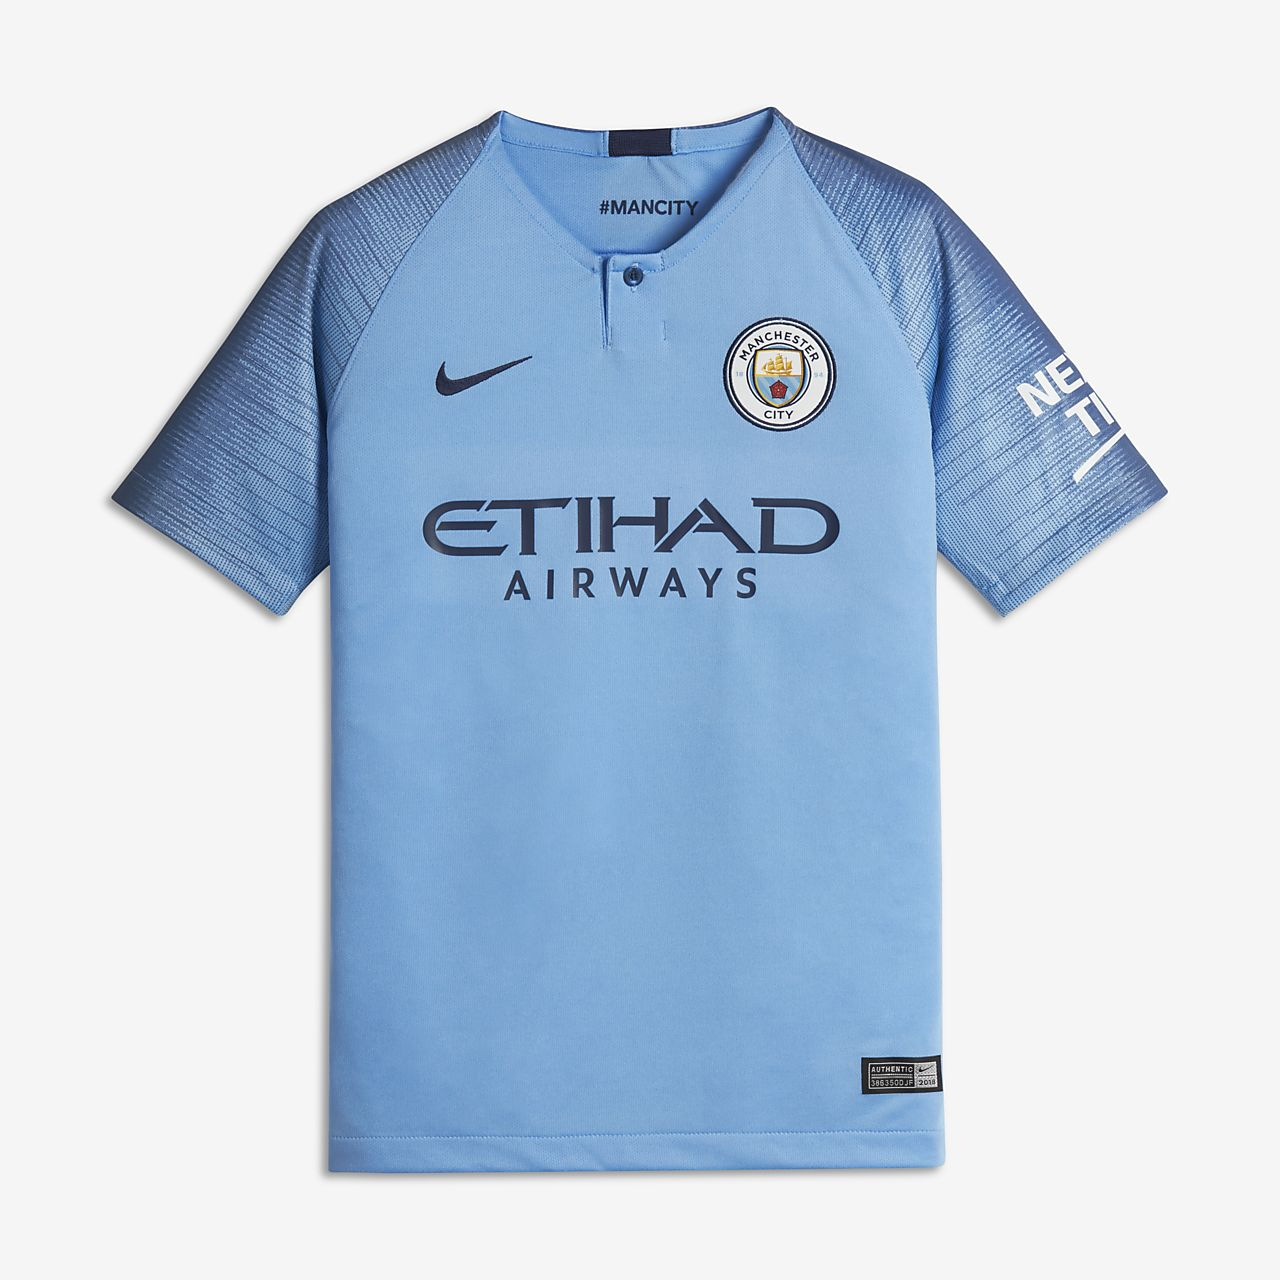 2018 19 Manchester City FC Stadium Home Older Kids  Football Shirt ... 09bd1a30a